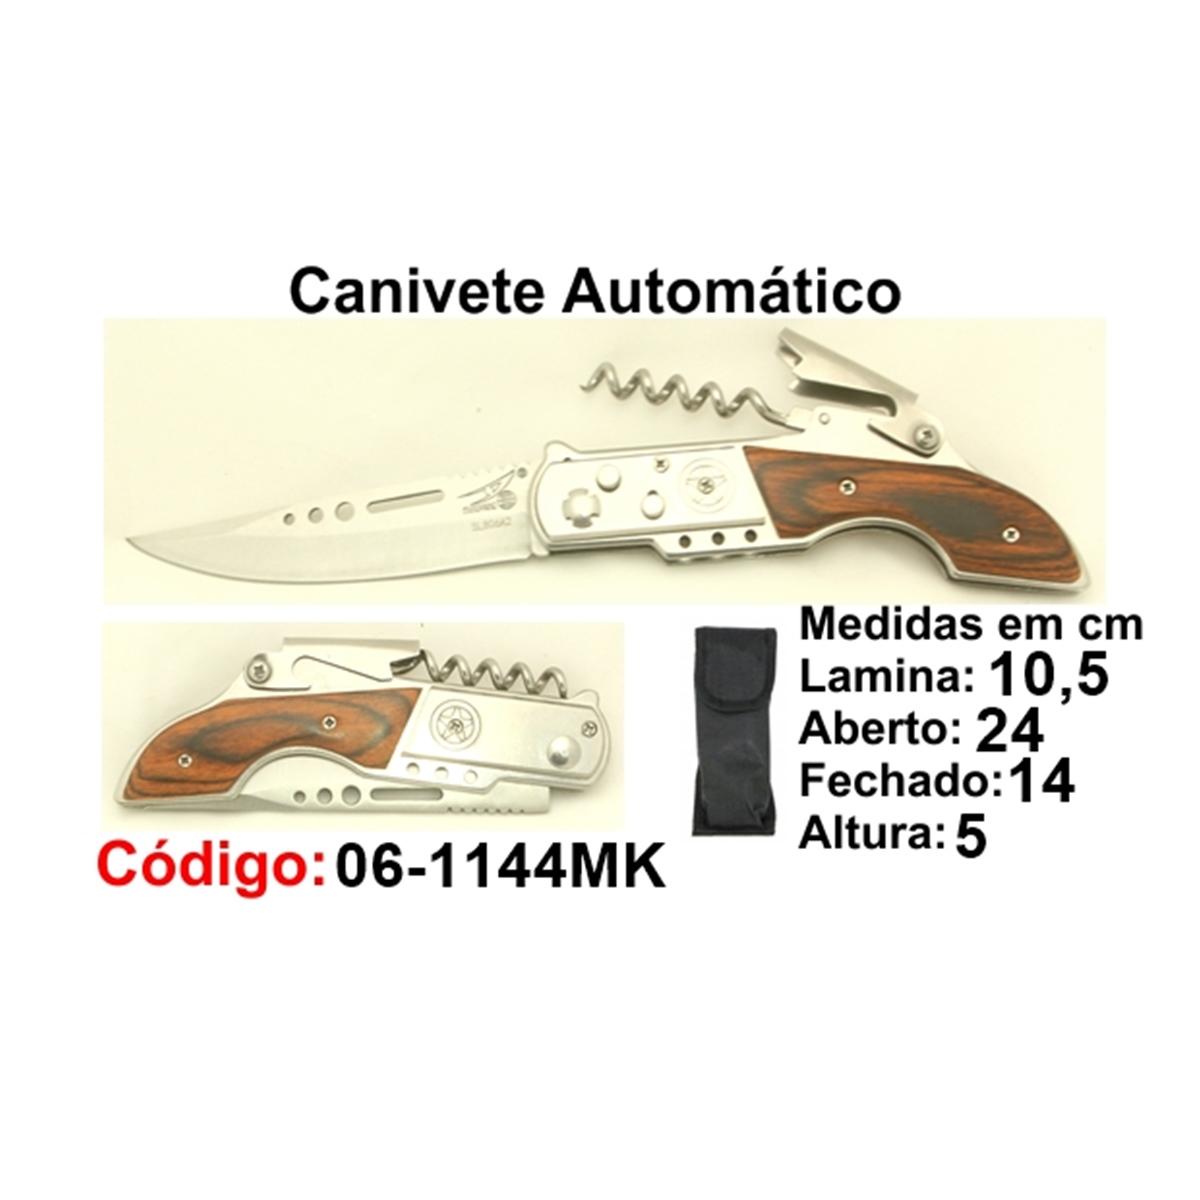 Canivete Esportivo Automático Caça Pesca Etc. 06-1144MK